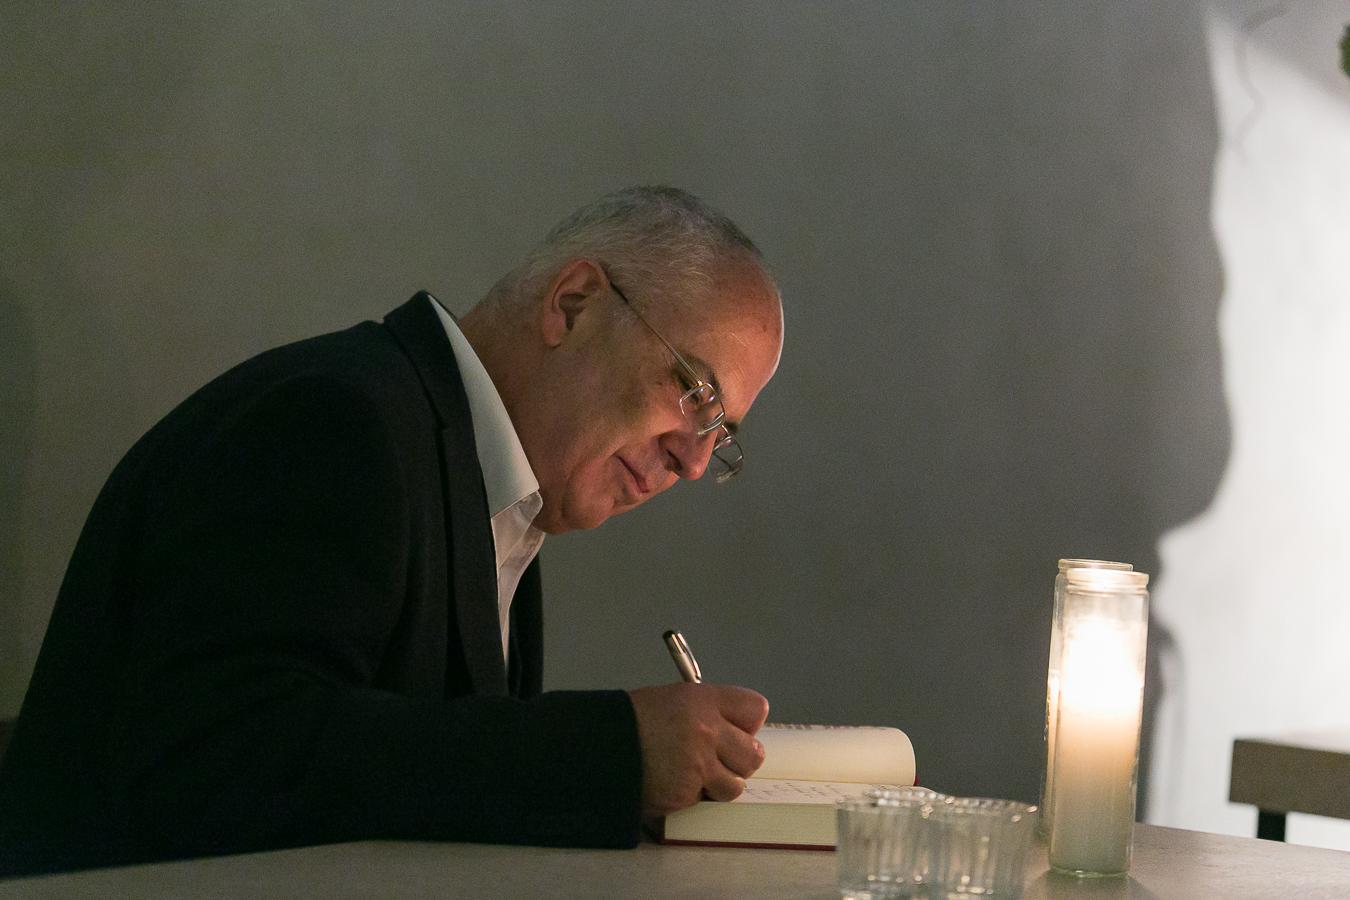 Antonio Saborit